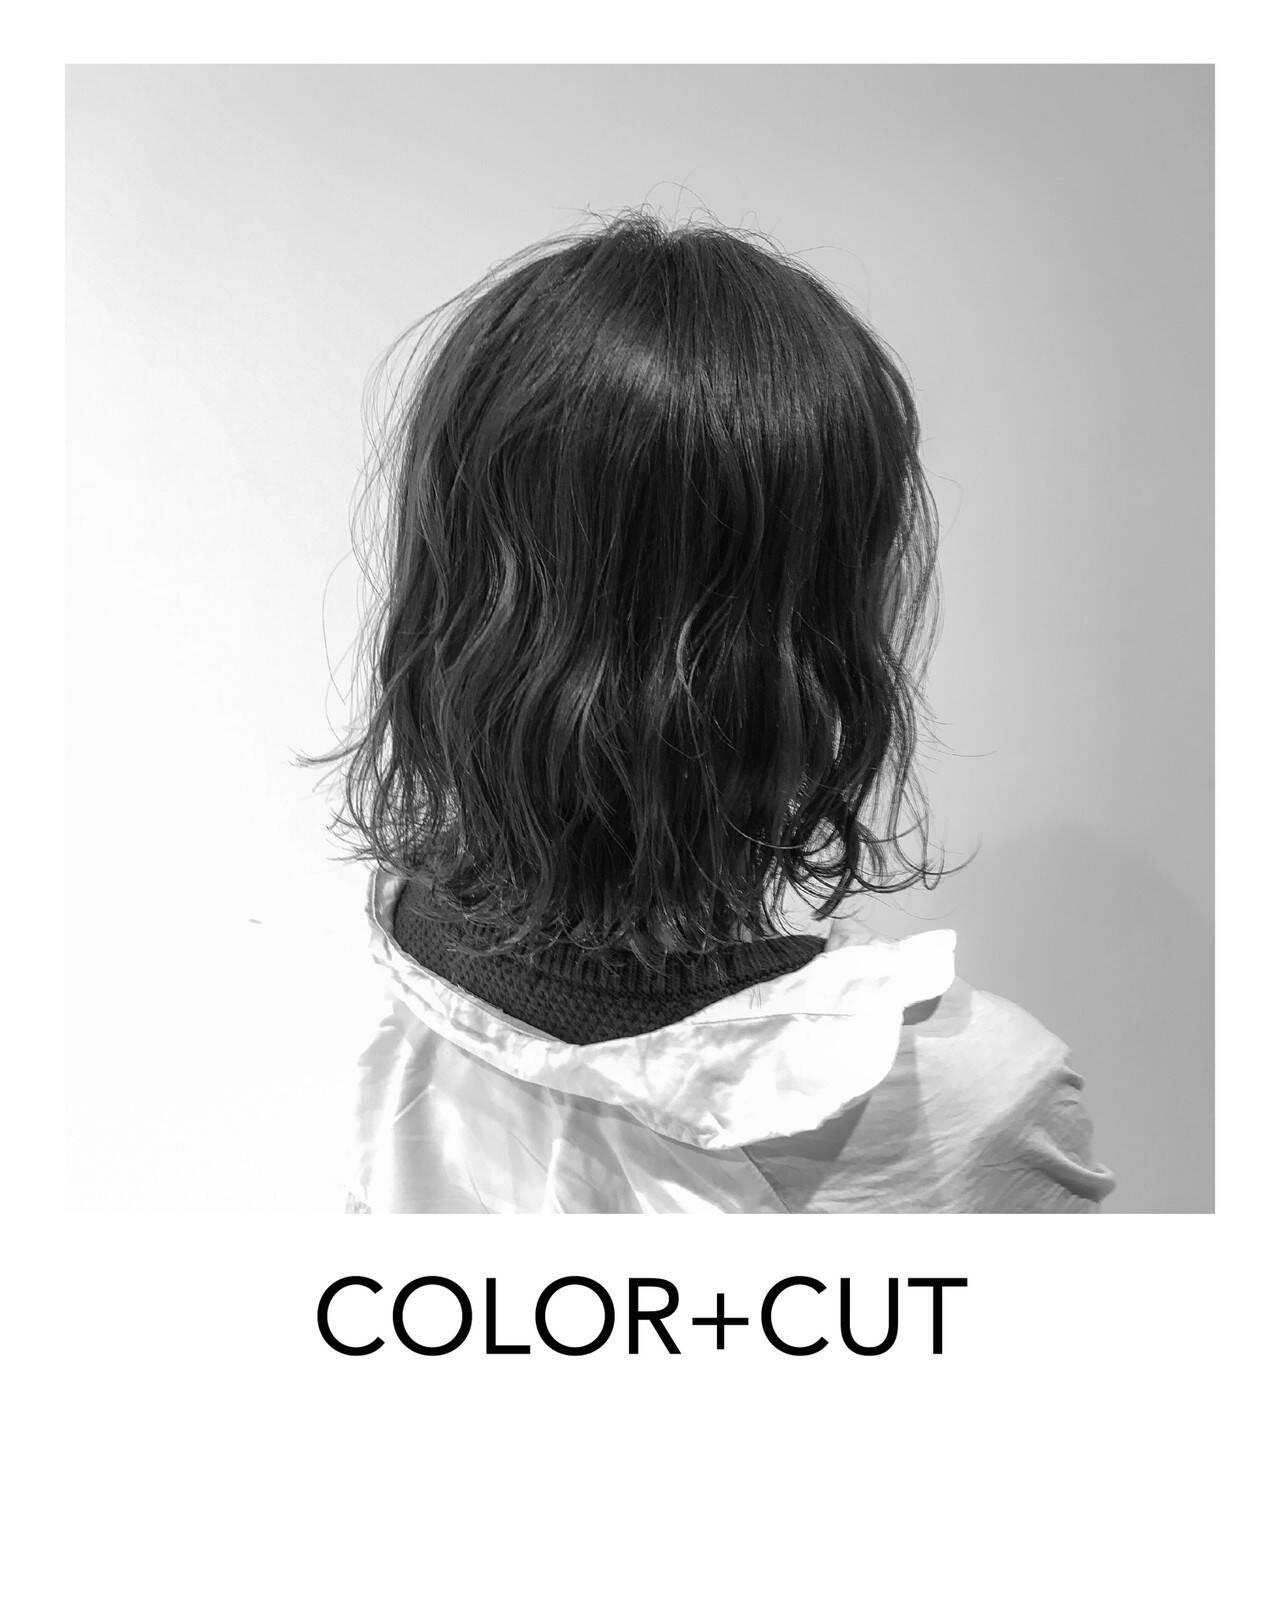 ナチュラル可愛い ゆるナチュラル ナチュラル 簡単ヘアアレンジヘアスタイルや髪型の写真・画像